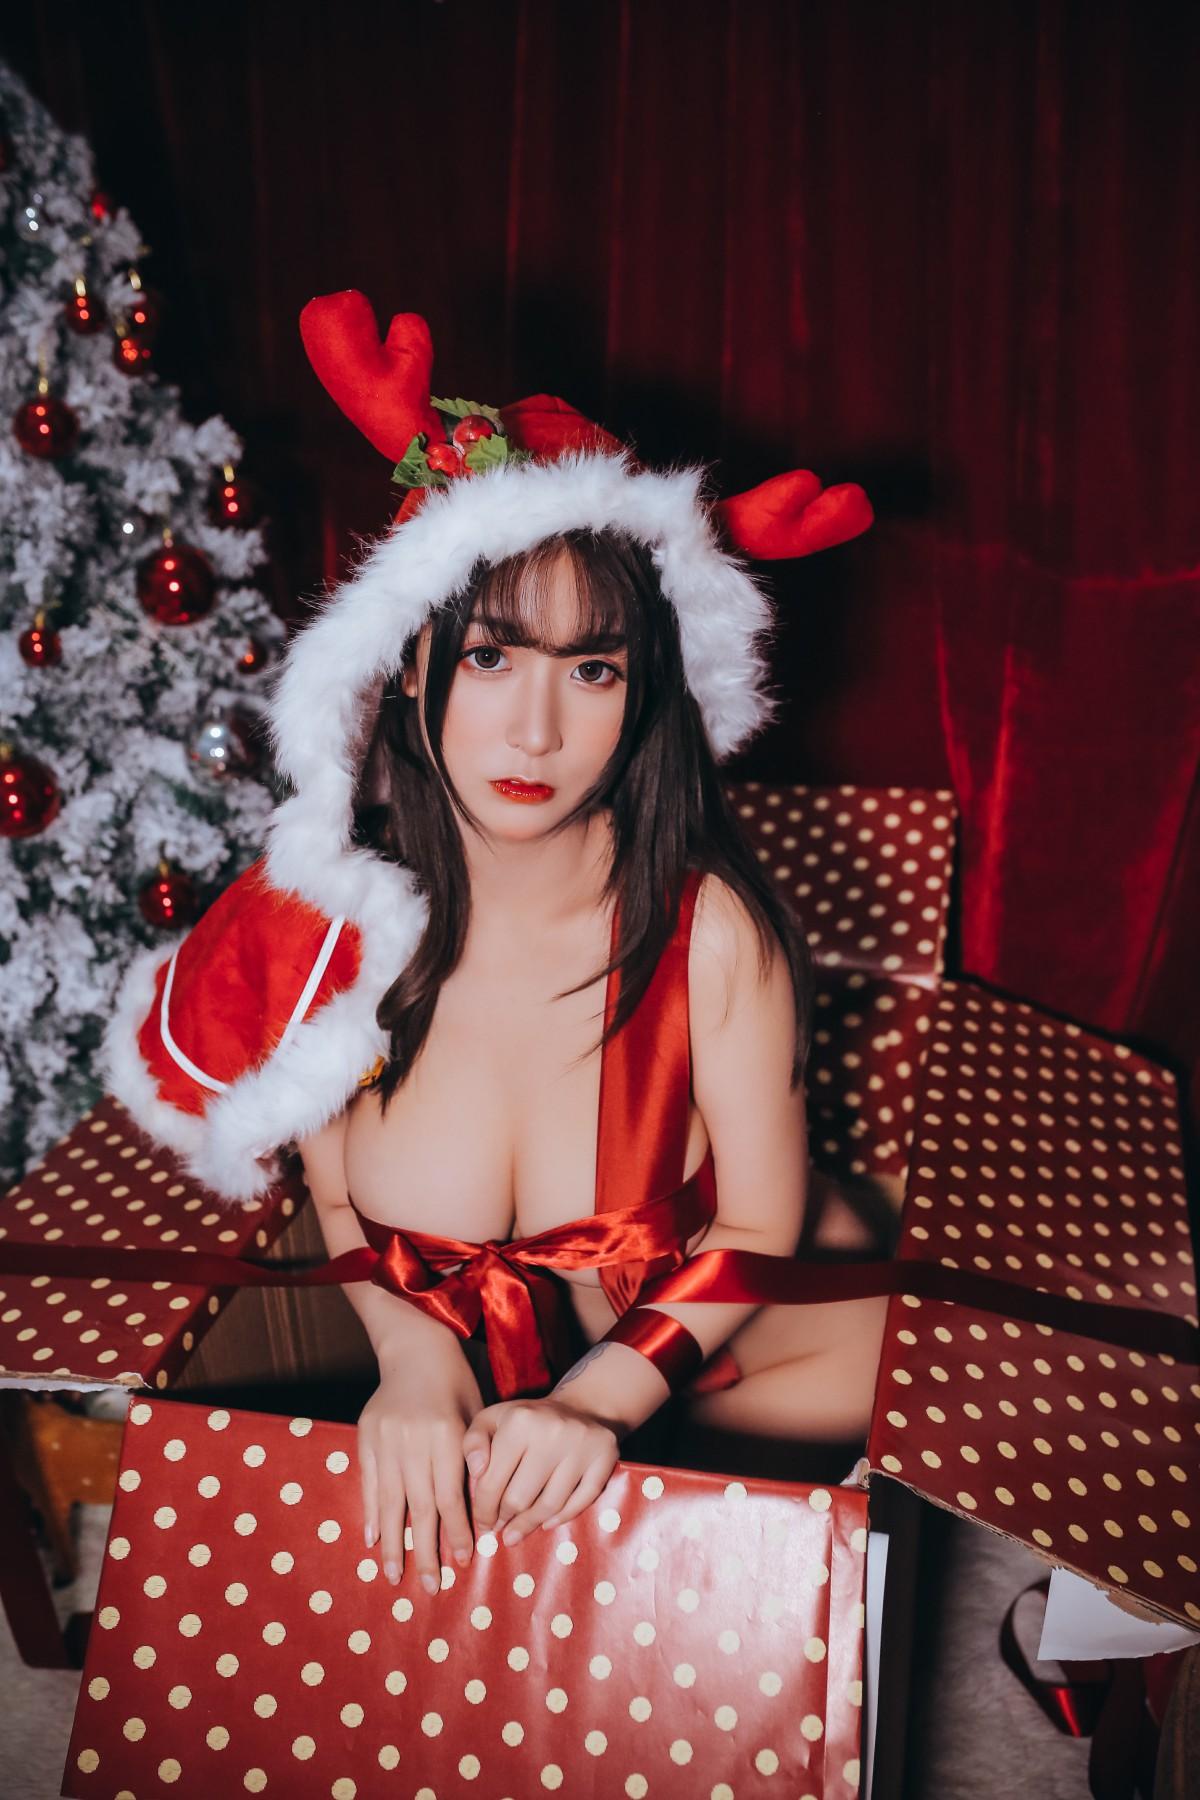 巨乳猫九酱Sakura 红色圣诞礼物[47P] 其他套图 第3张